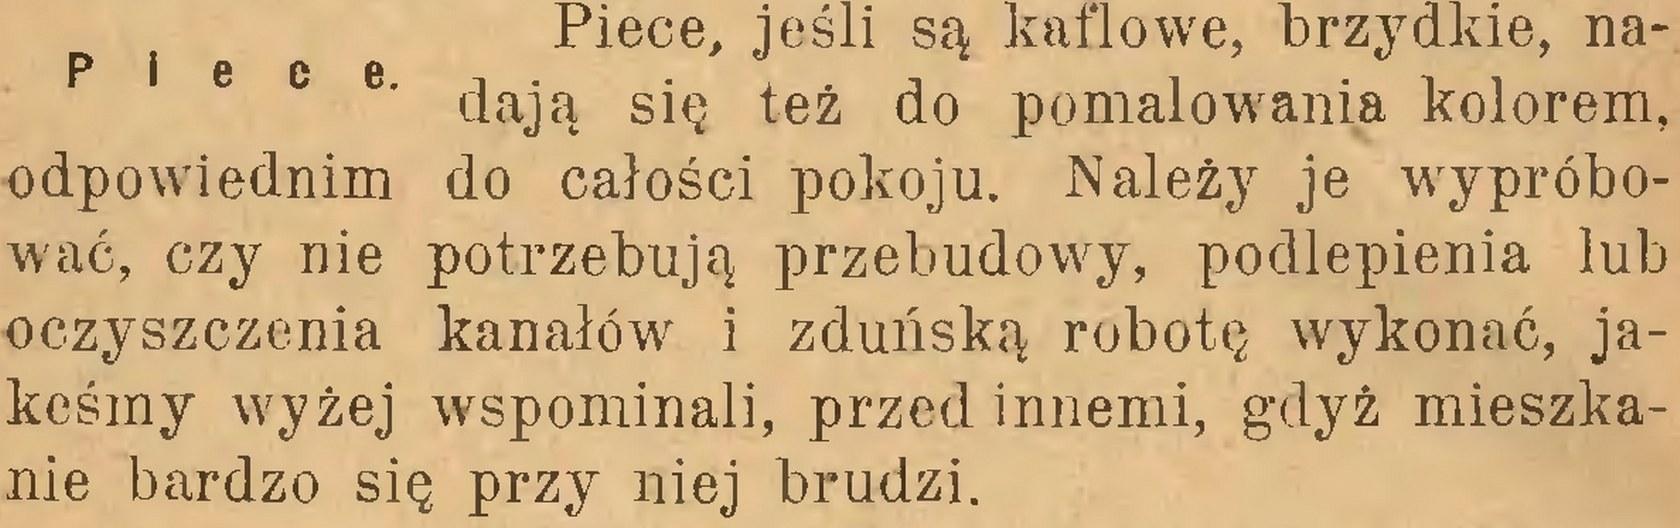 Ulanicka -4-4_1680x528